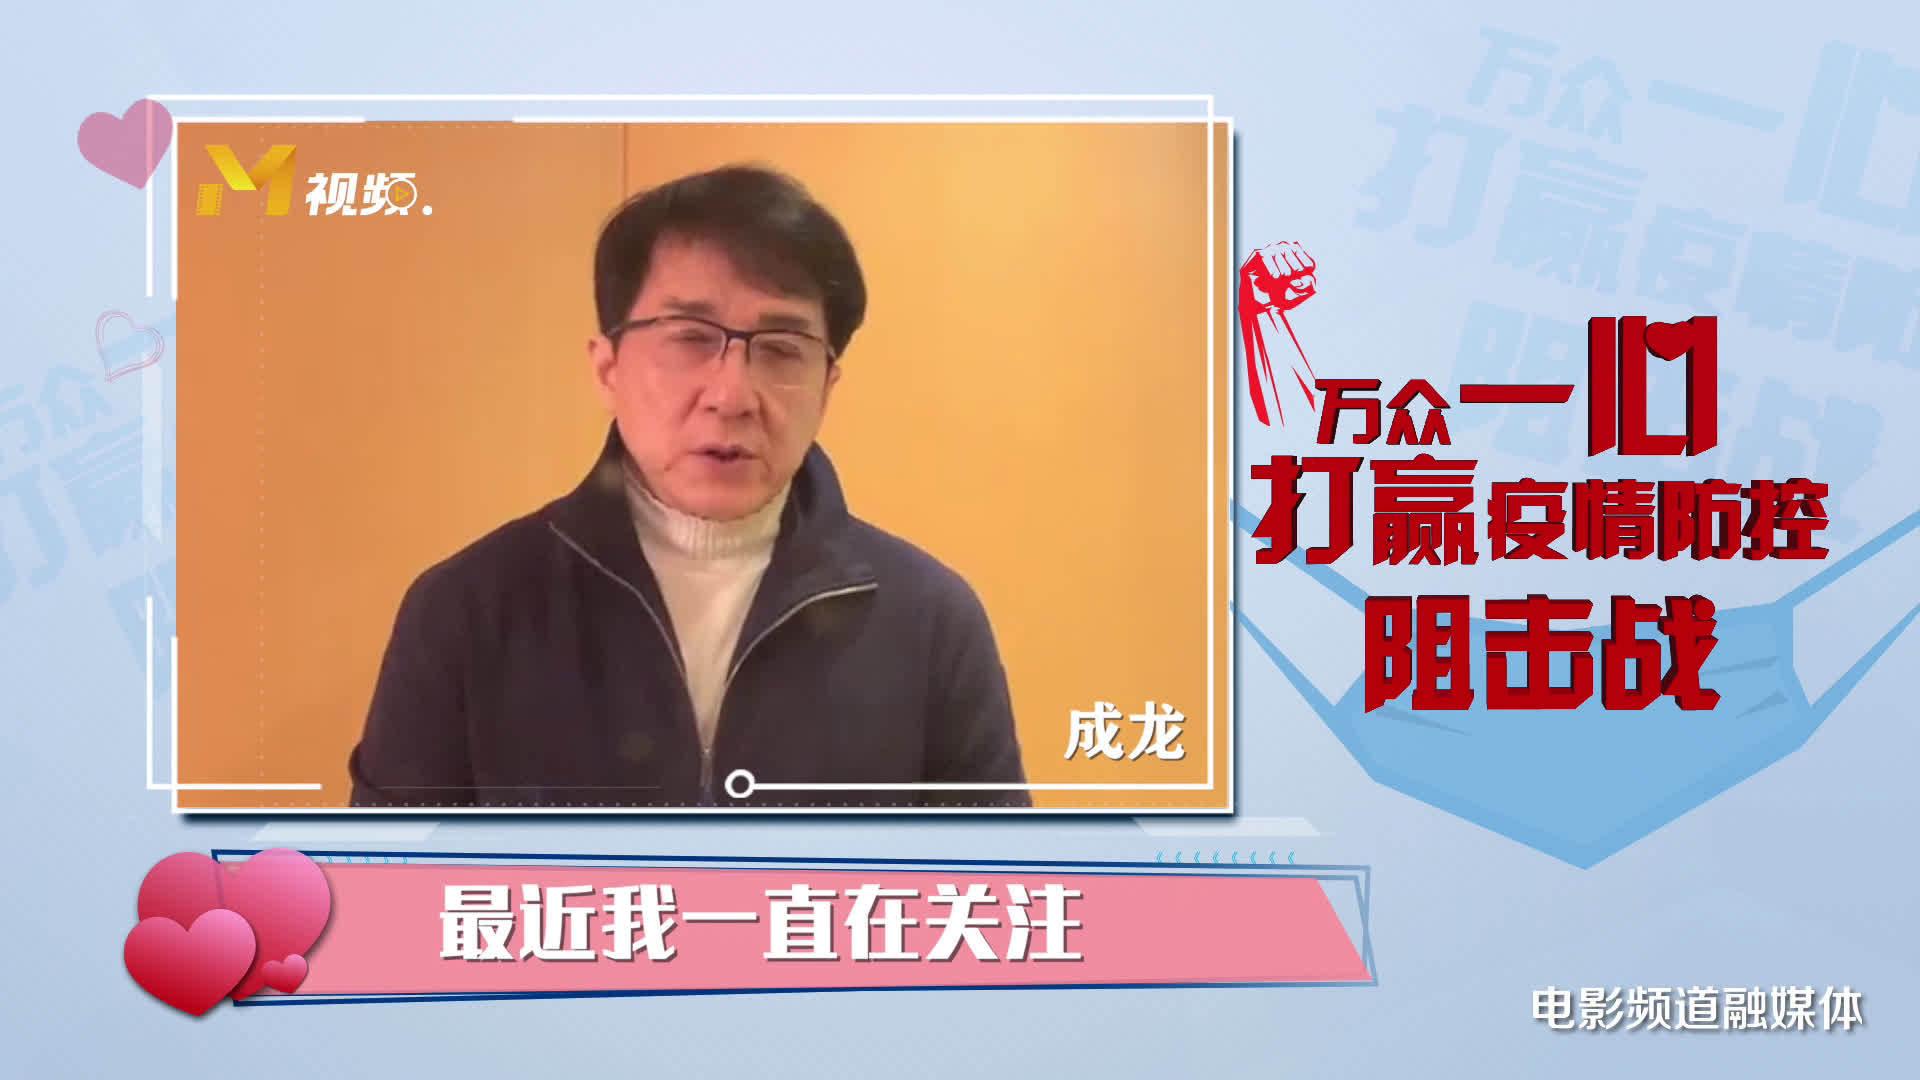 @电影频道融媒体中心 发起,百位中国电影人集体行动